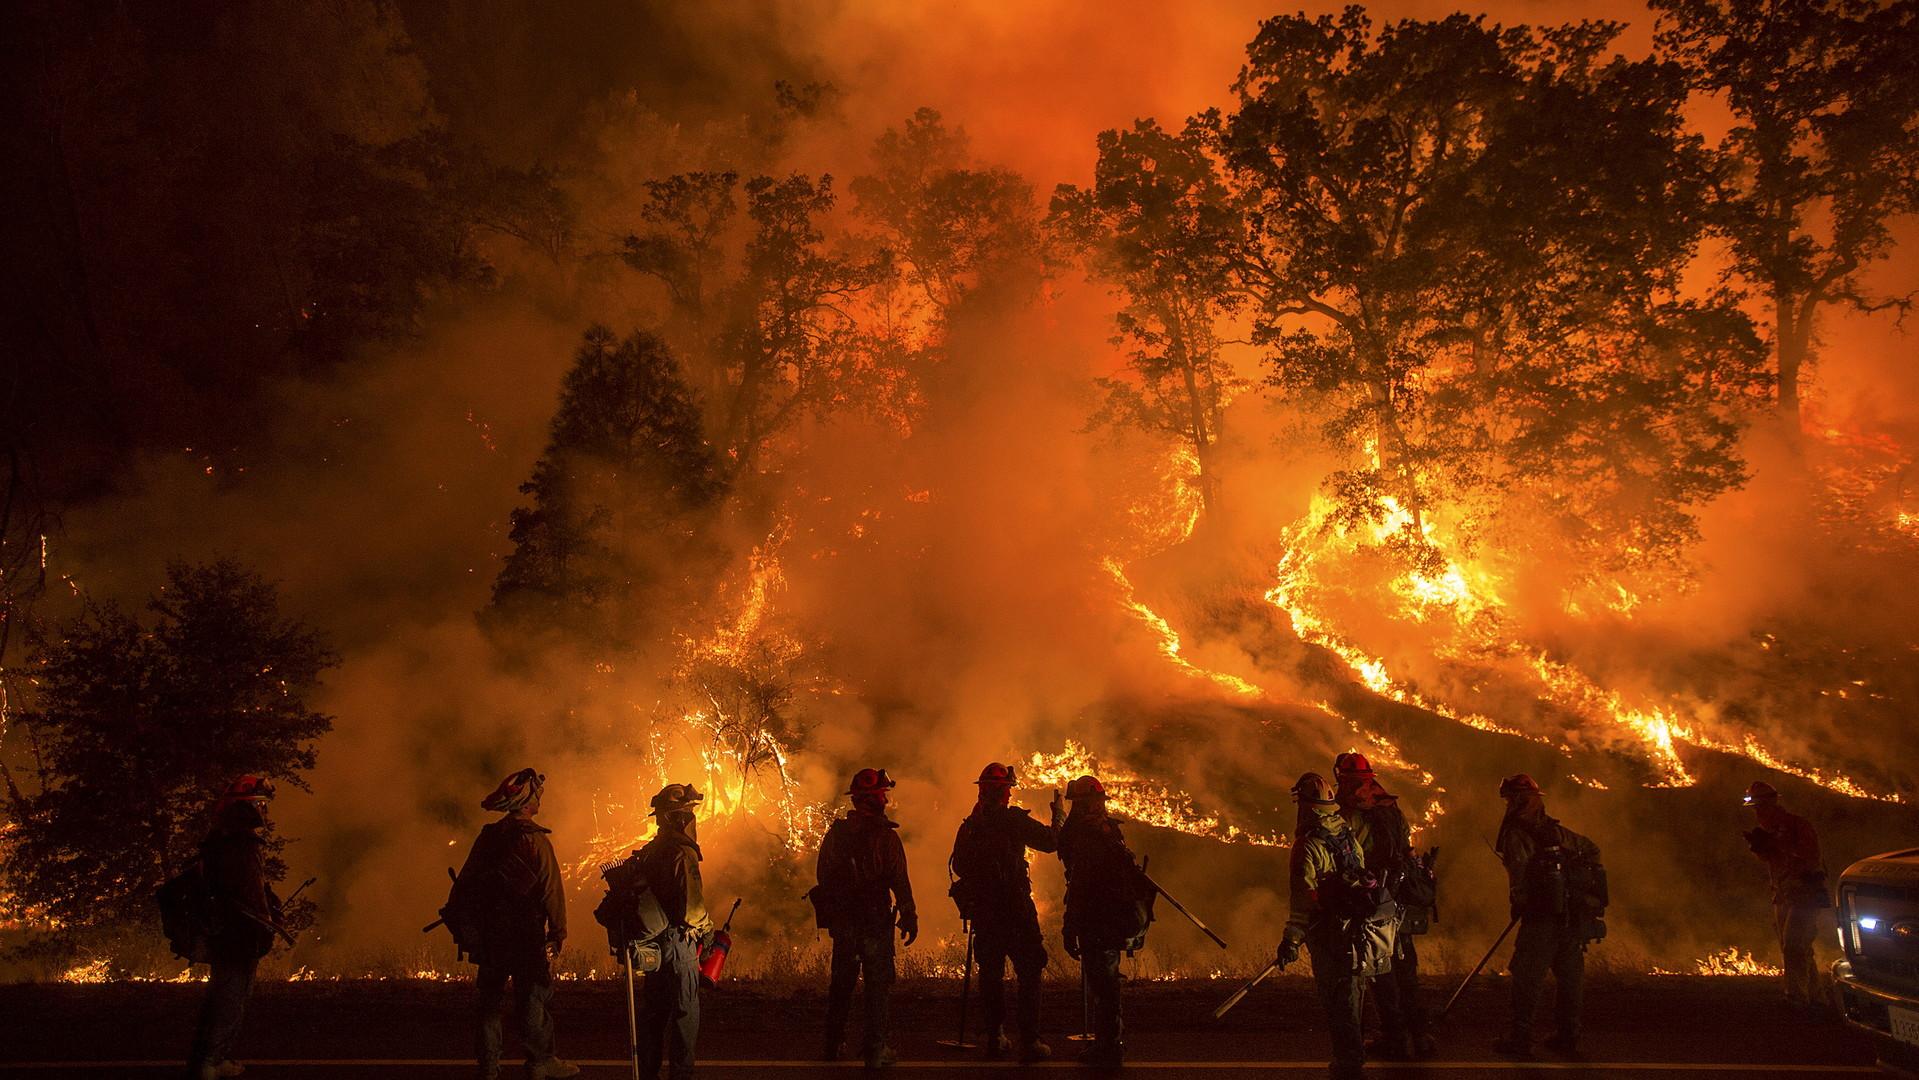 la californie ravag e par les flammes un mort plus de 400 maisons br l es rt en fran ais. Black Bedroom Furniture Sets. Home Design Ideas